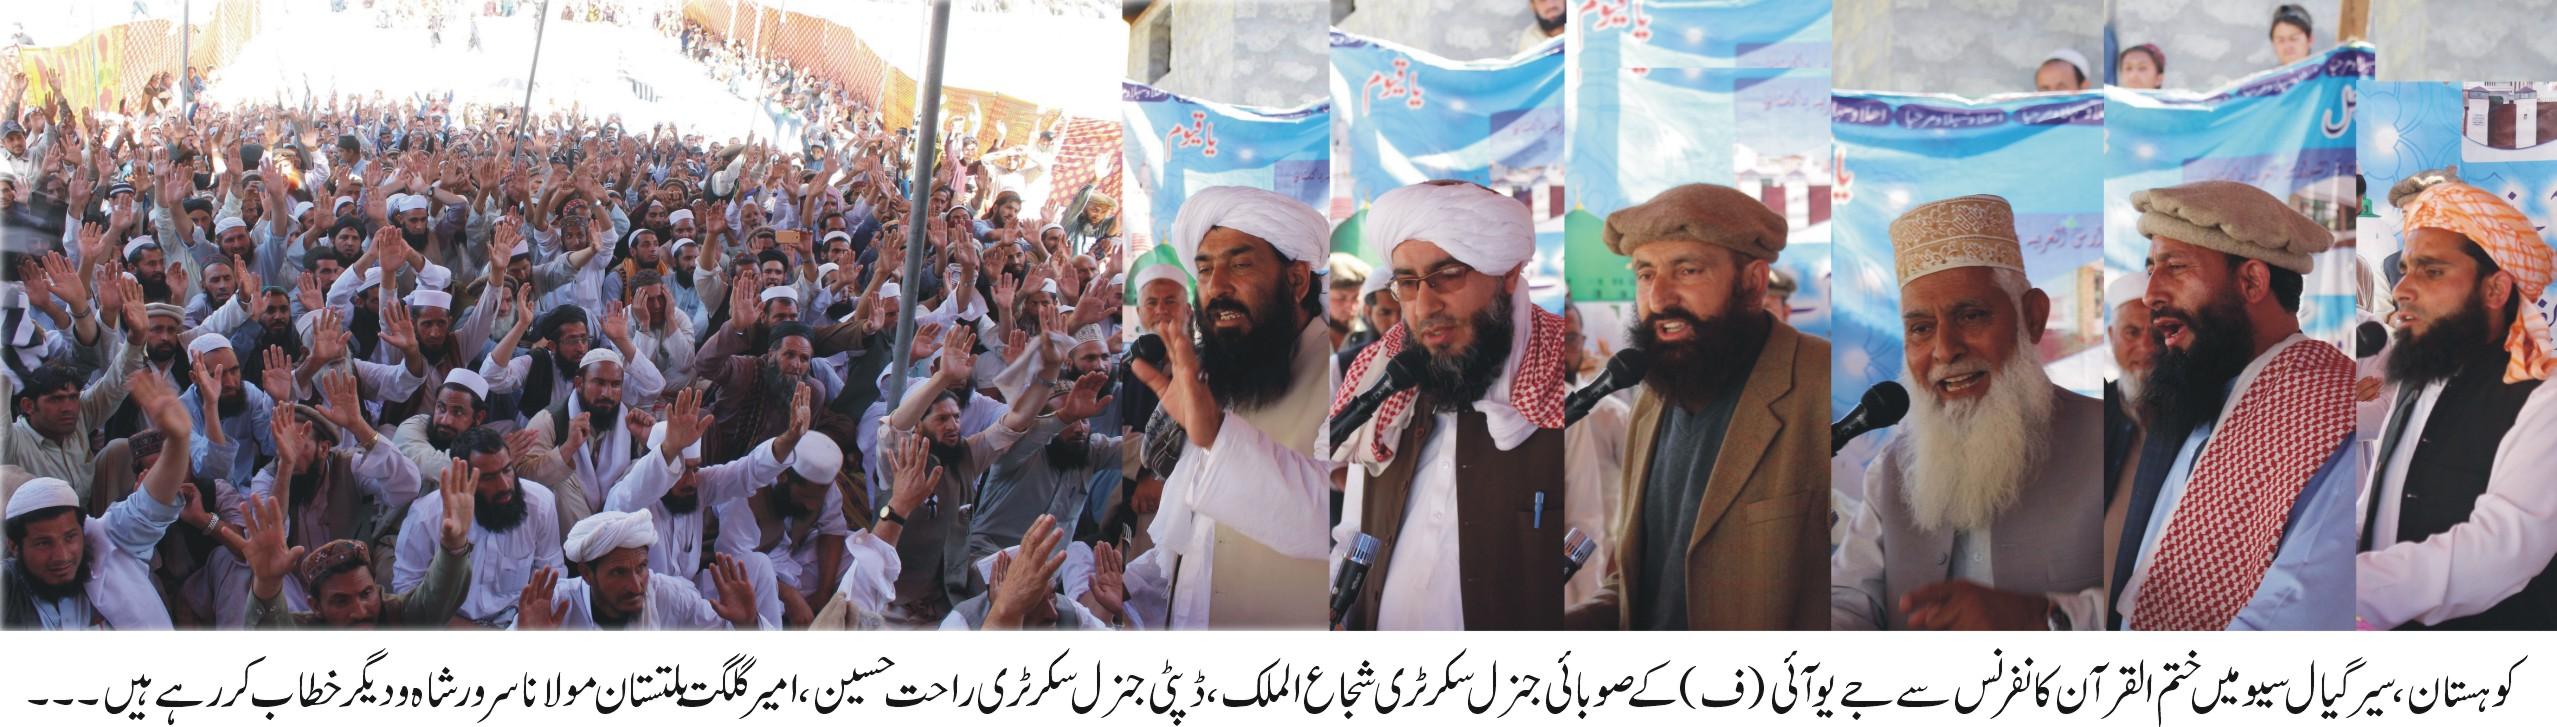 کوہستان: سیرگیال سیو میںجمعیت علما اسلام کے زیر اہتمام تعلیم القرآن کانفرنس کا انعقاد